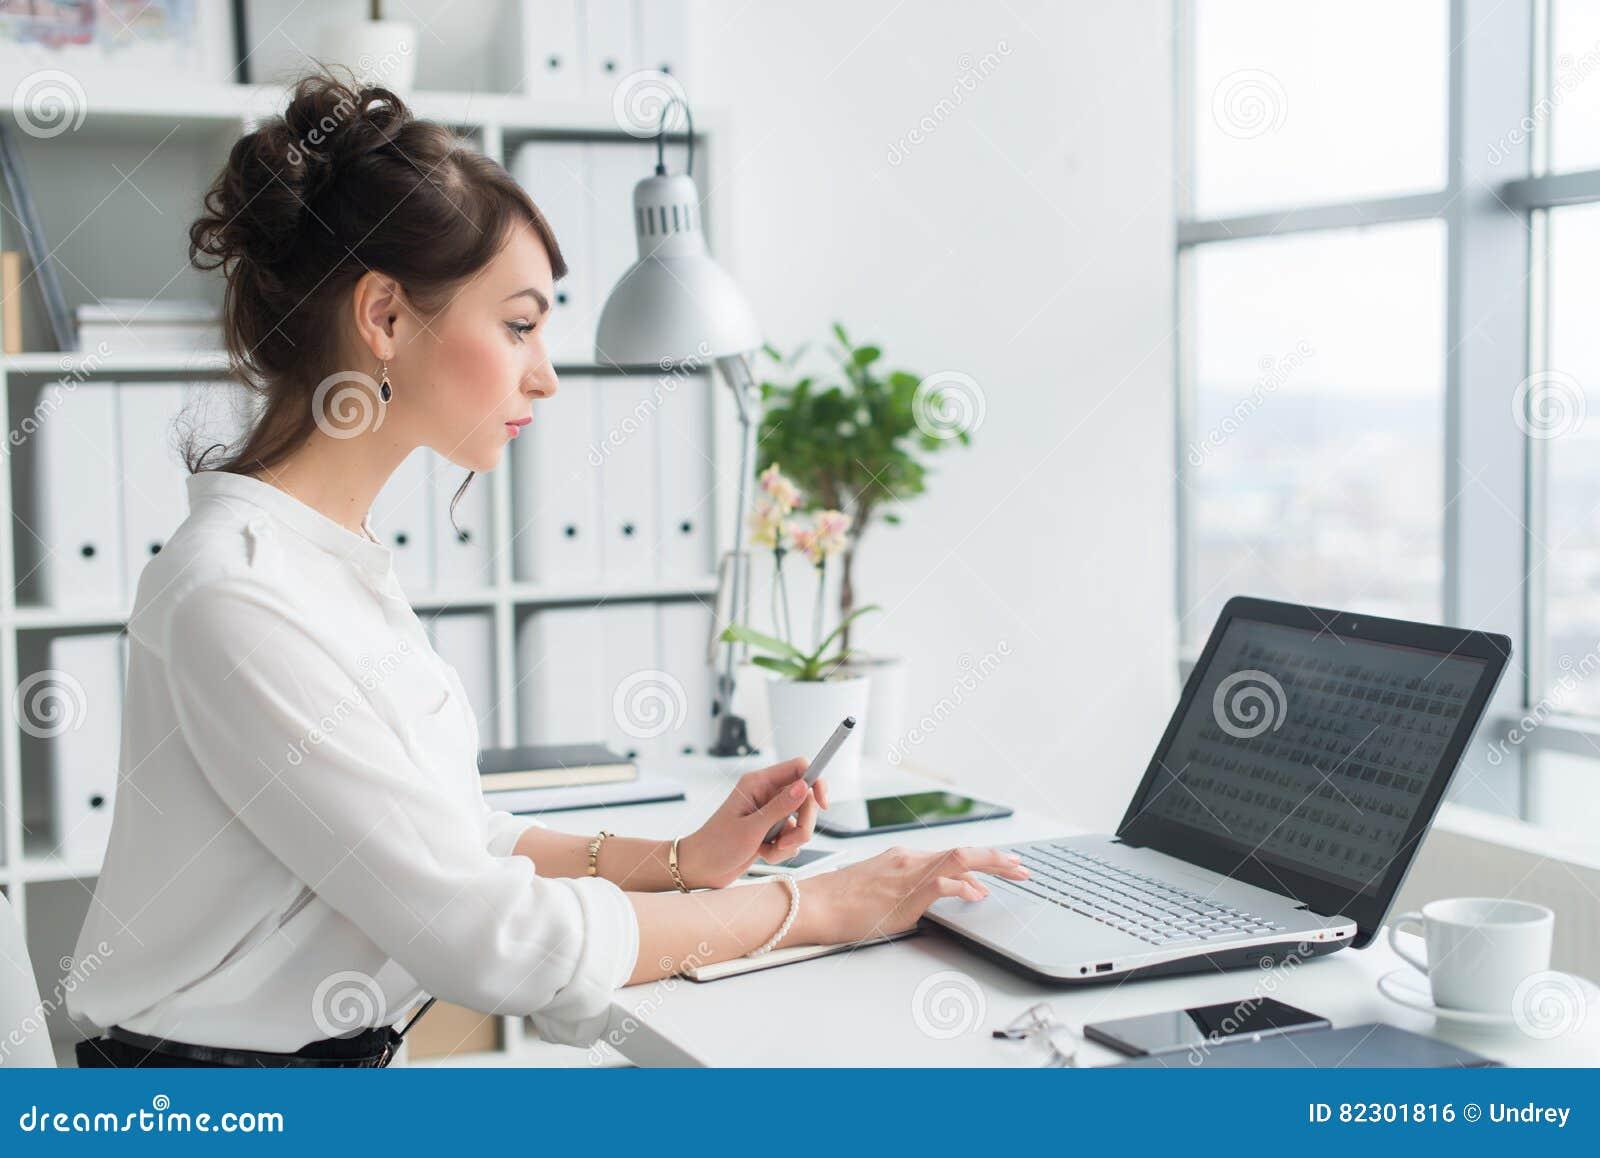 使用膝上型计算机在她的工作场所,浏览信息的女性办公室工作者,浏览互联网,侧视图画象